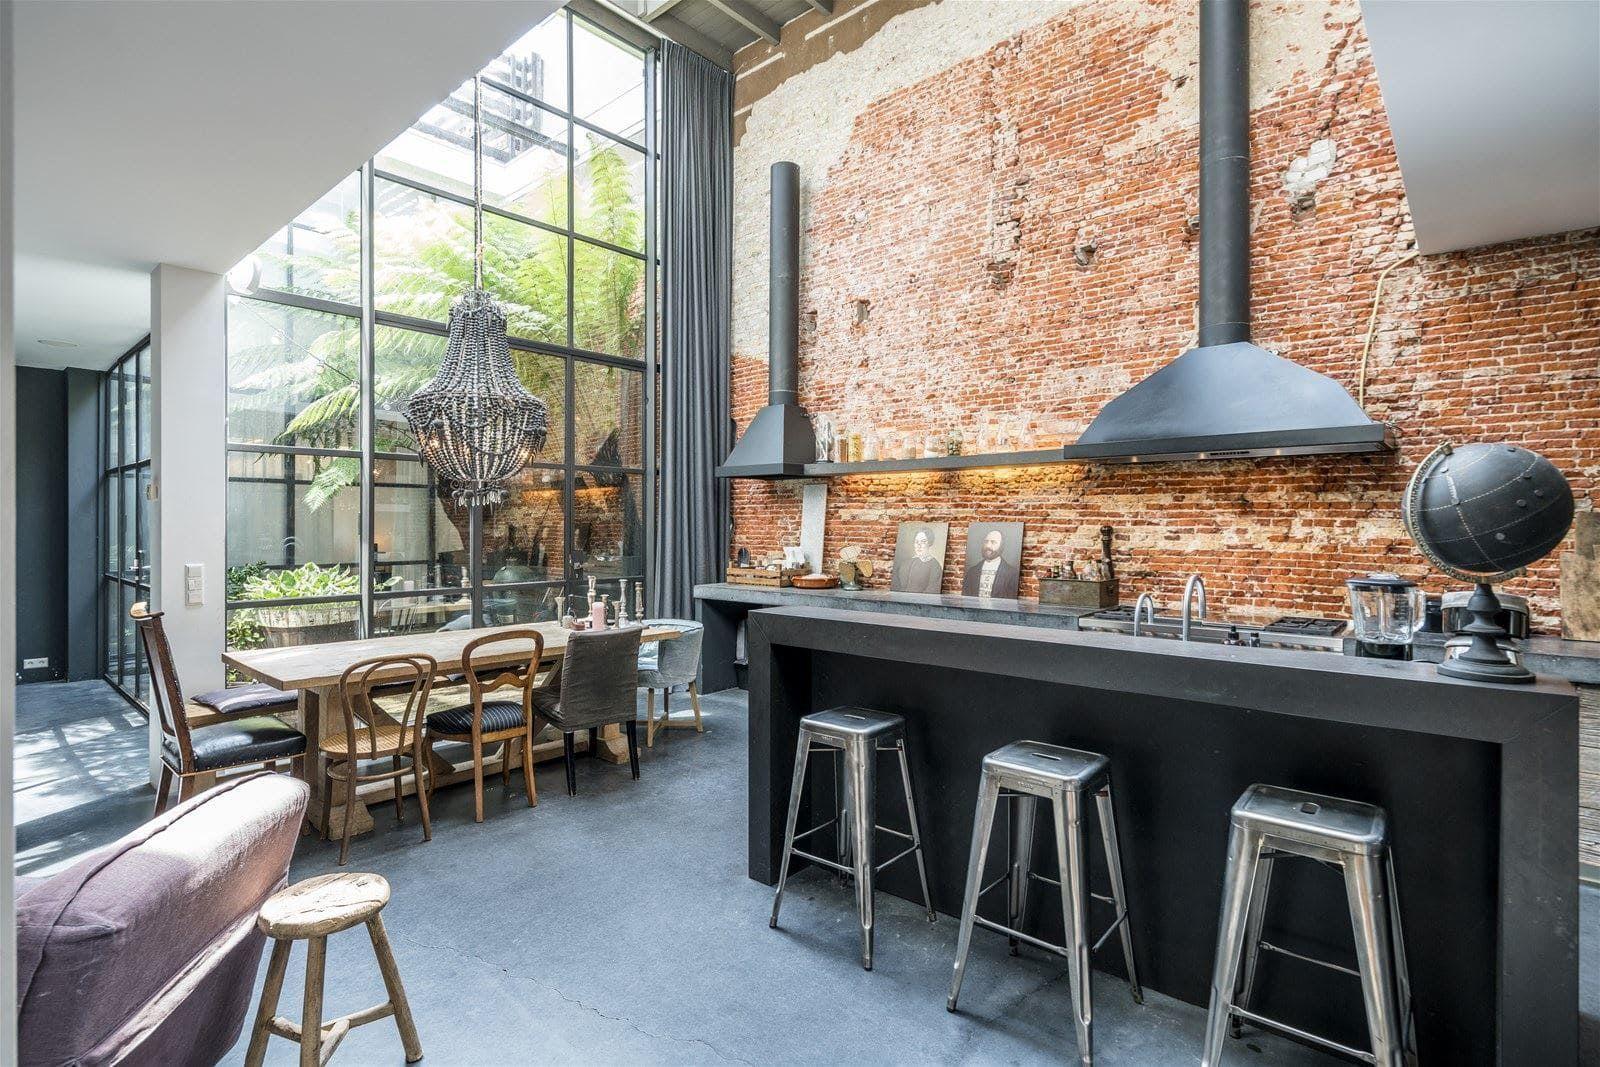 Cocina con isla de estilo factory industrial taburetes Singular Market